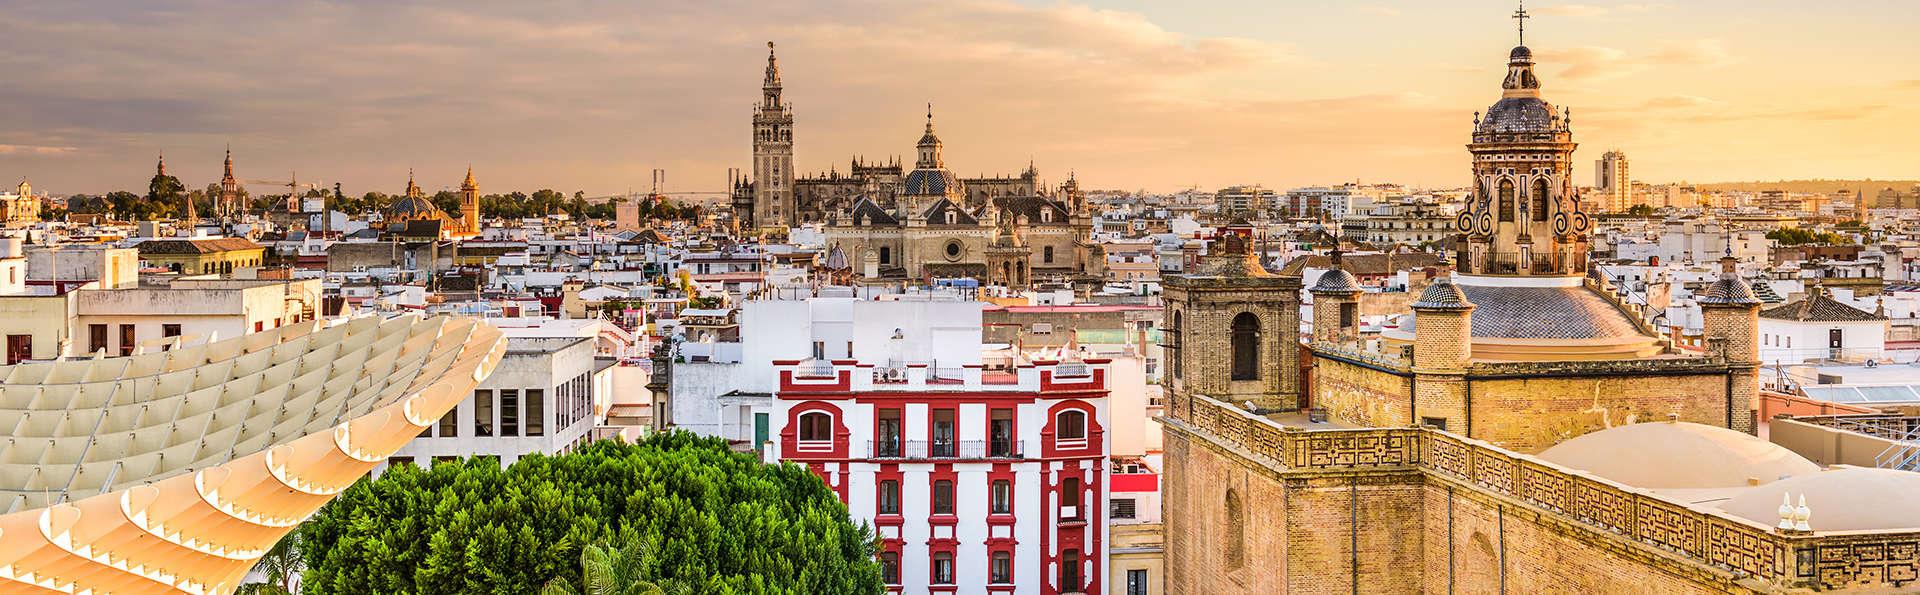 Échappez-vous dans le centre de Séville en appart hôtel avec petit-déjeuner inclus